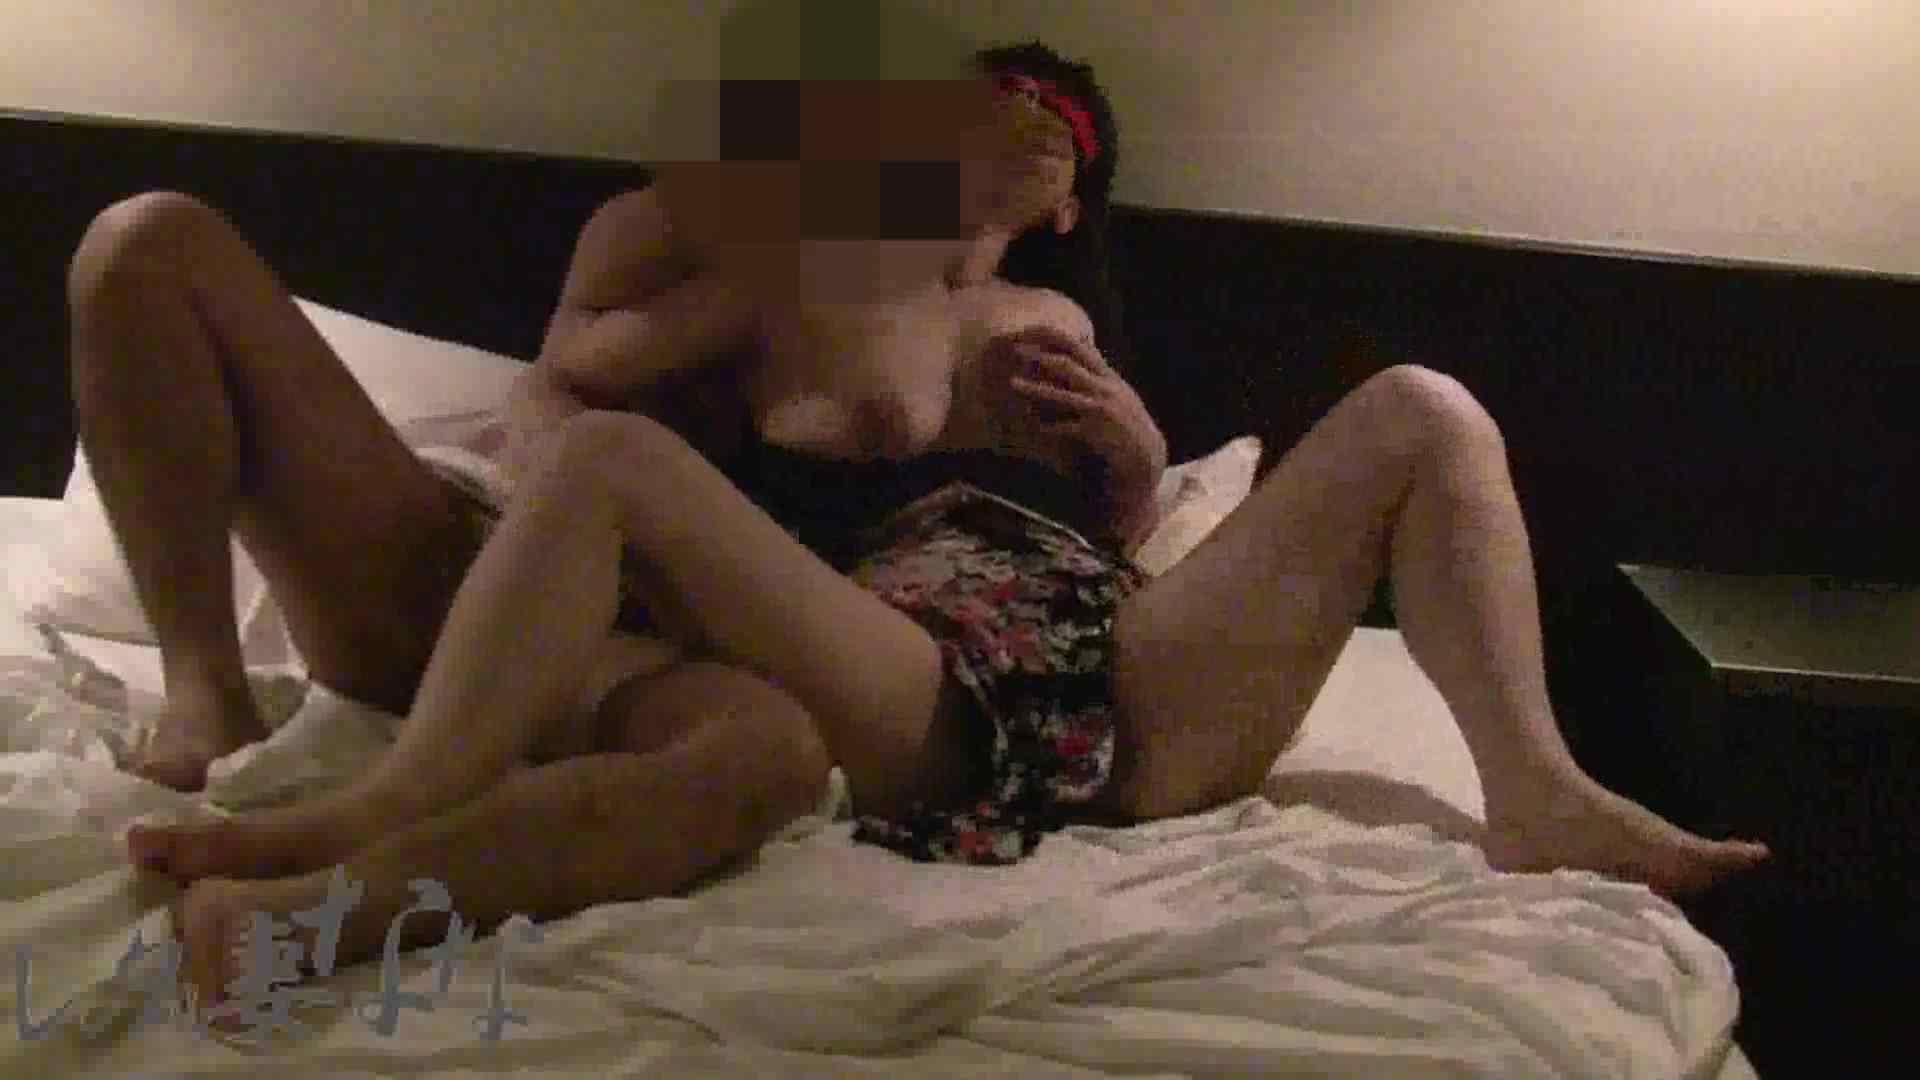 レンタル妻ななvol.8 濃厚愛撫編 セックス AV無料動画キャプチャ 51枚 23